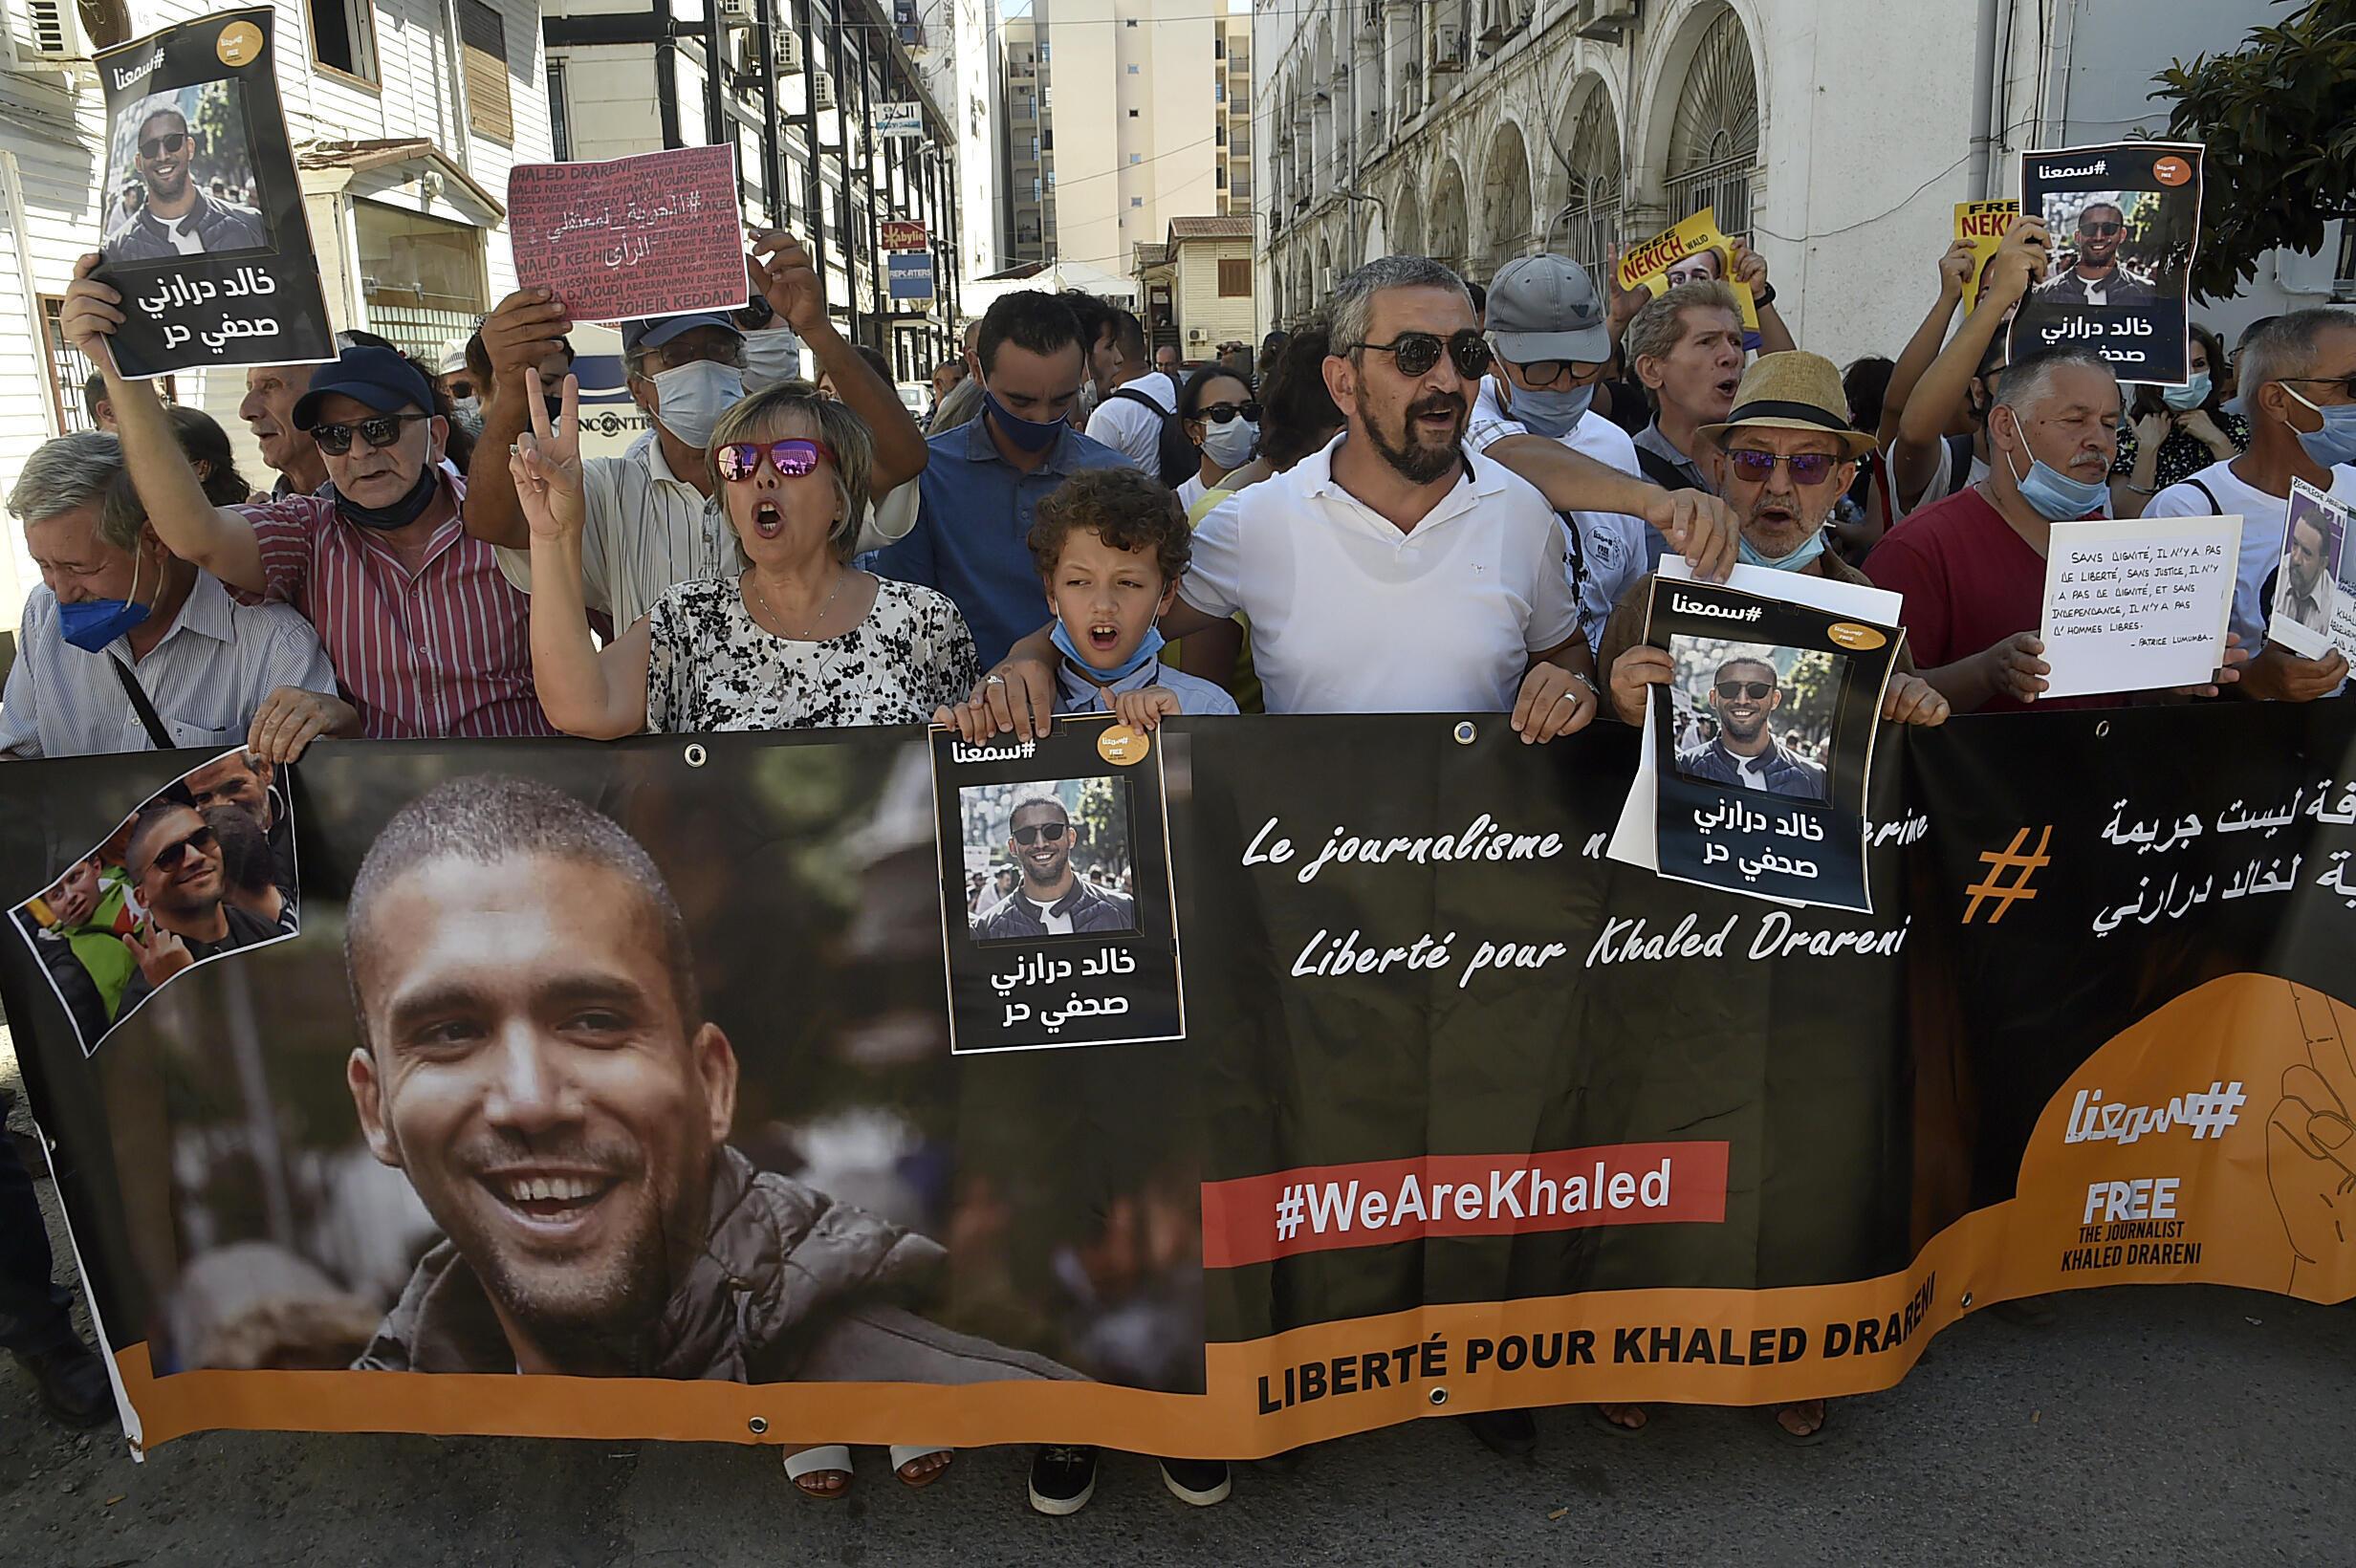 مظاهرة تطالب بإطلاق سراح الصحافي خالد درارني في الجزائر العاصمة. 14 سبتمبر/أيلول 2020.